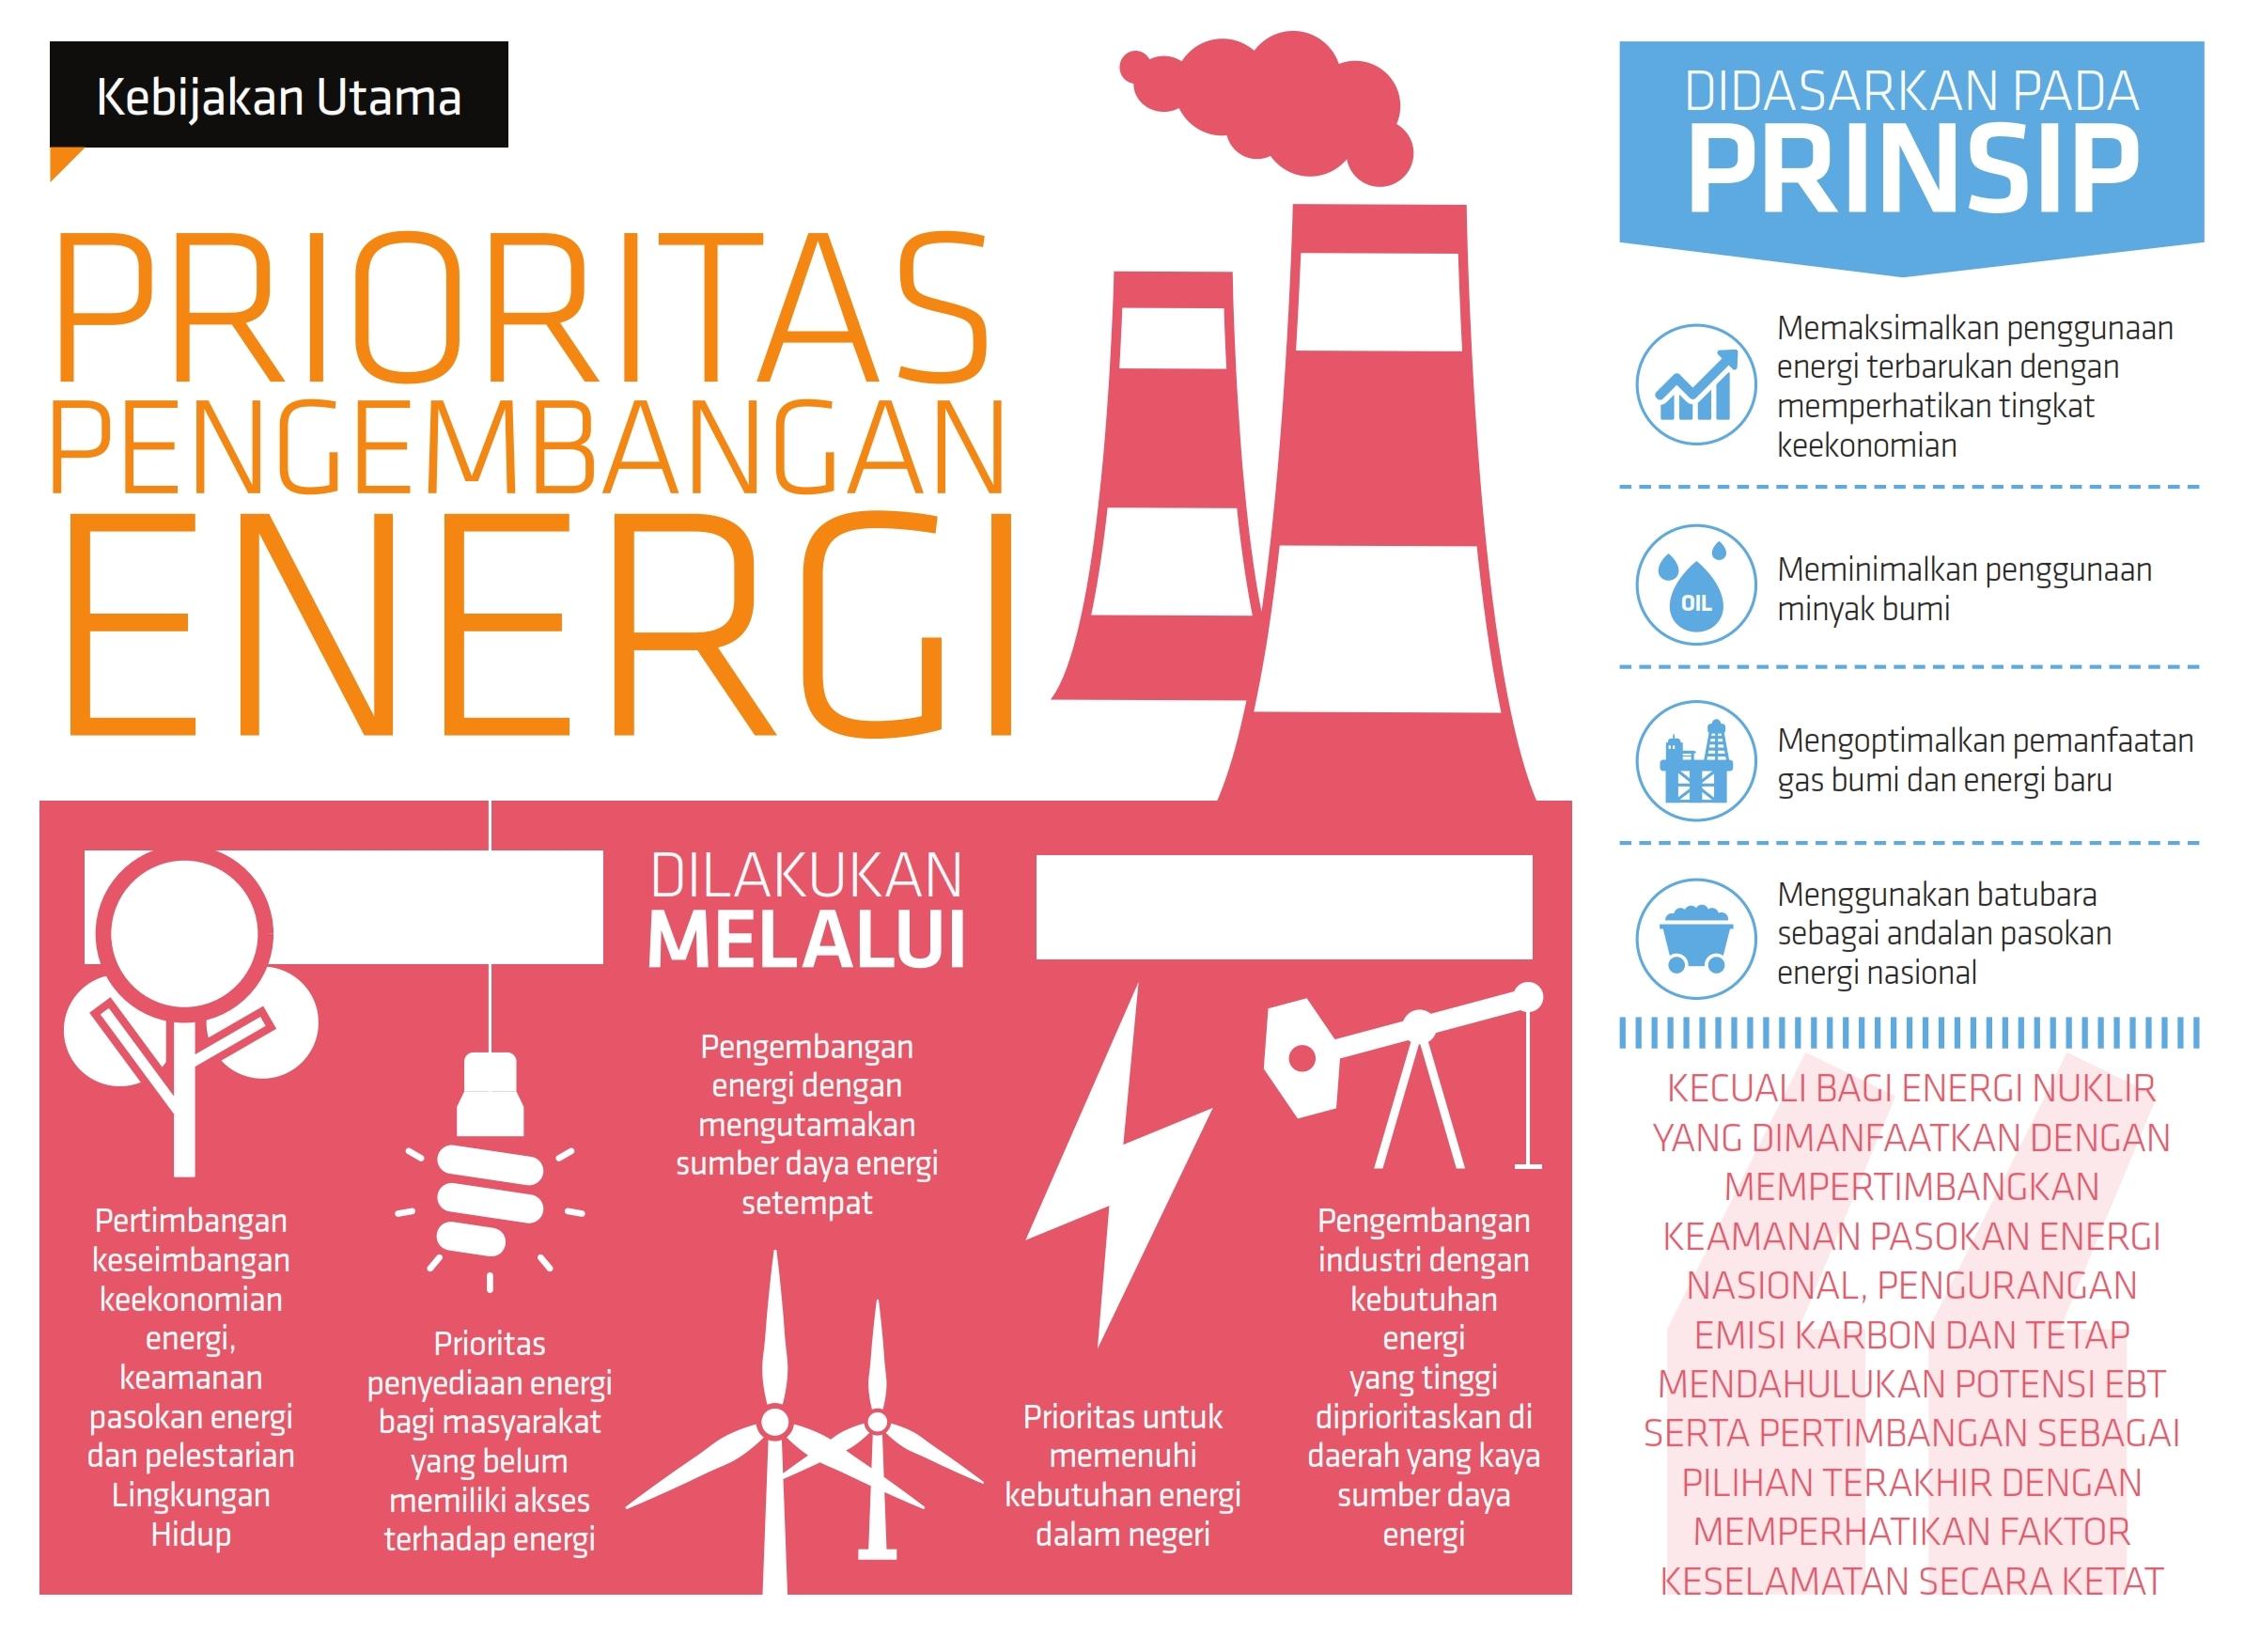 prioritas-pengembangan-energi